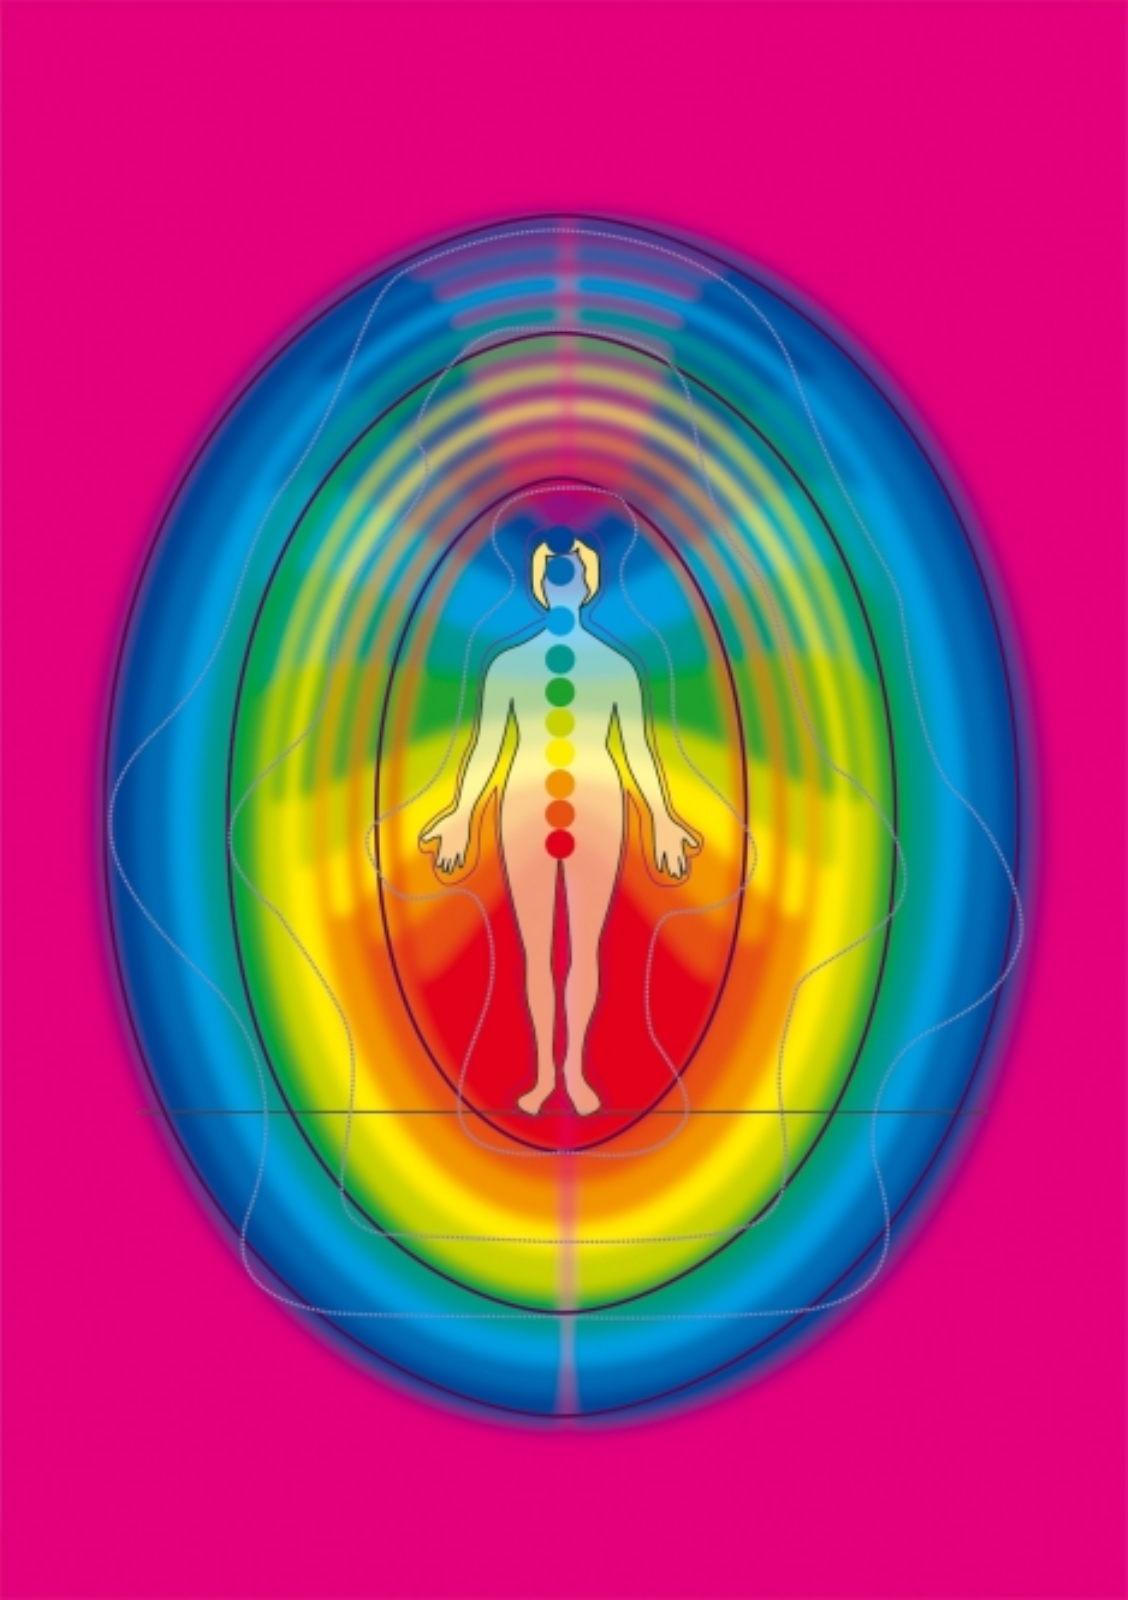 correspondance couleur et partie du corps